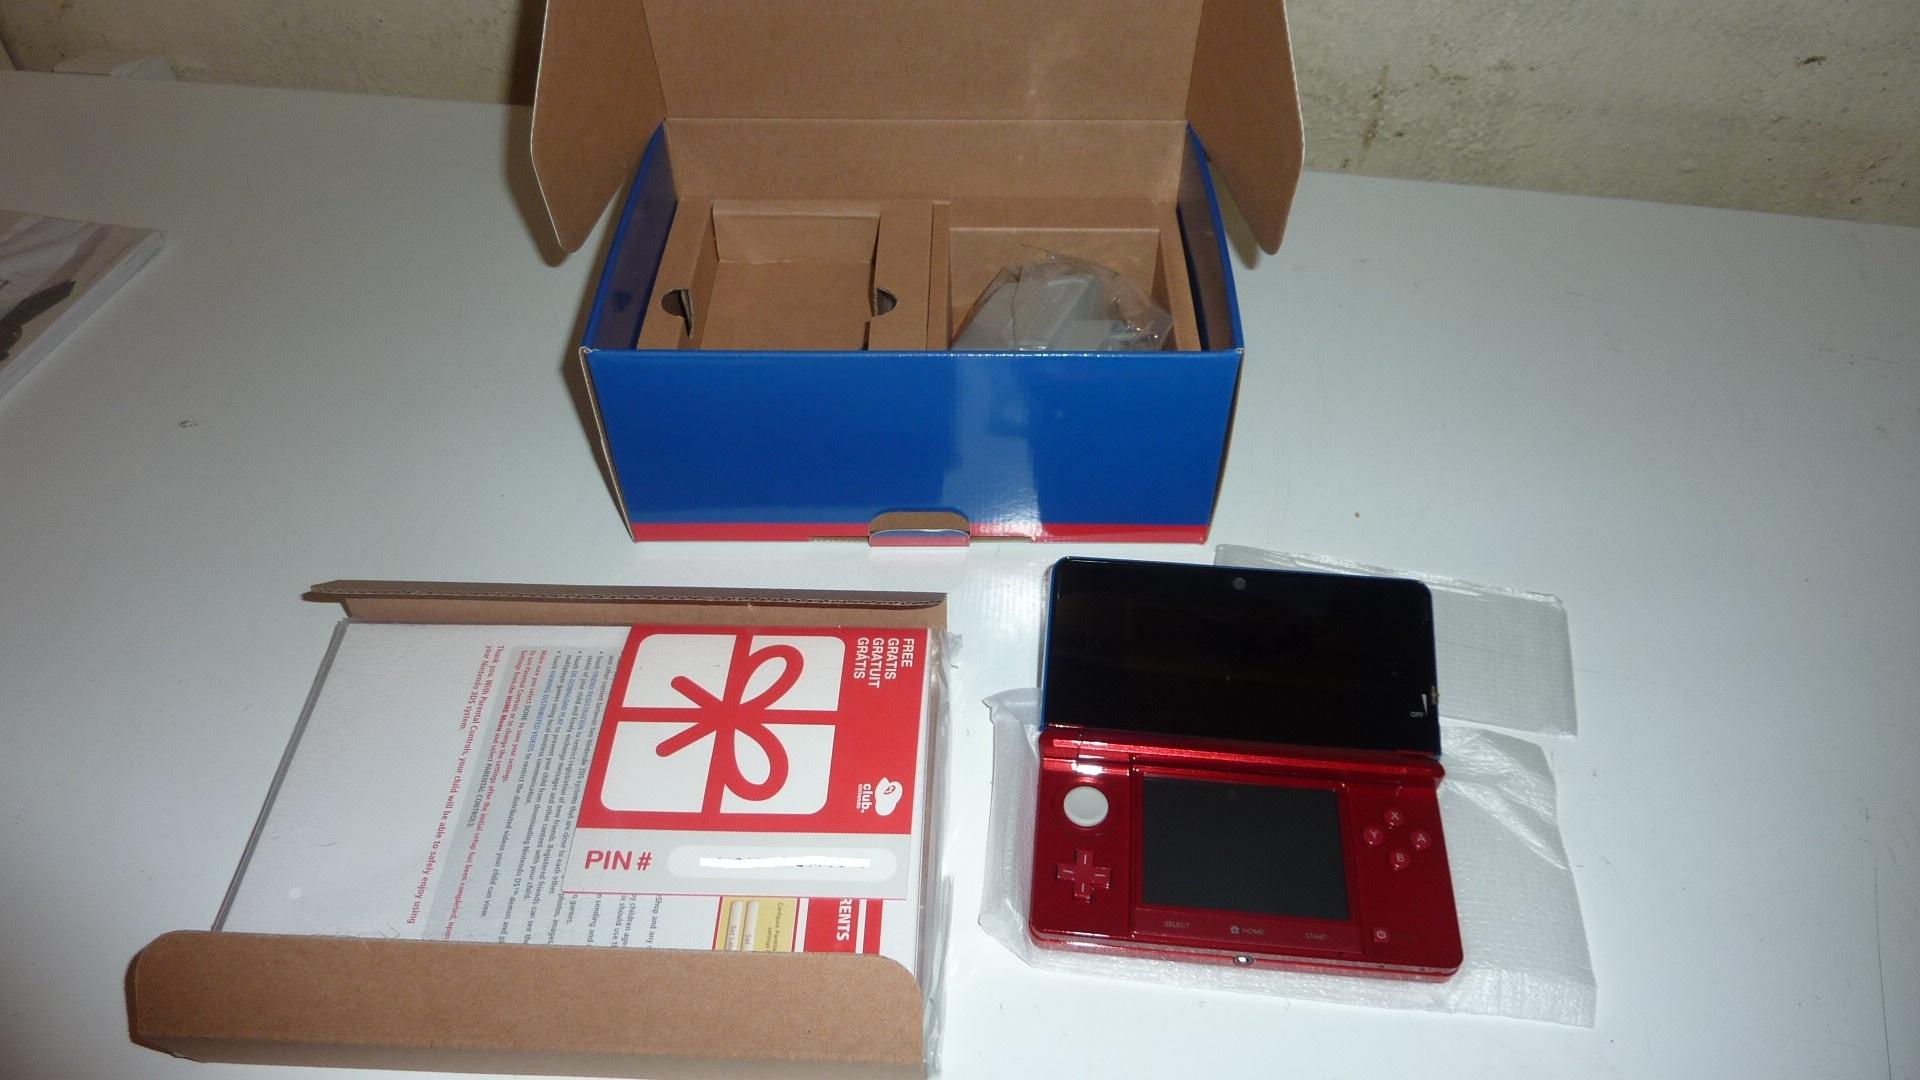 [EXCLU TOTAL] 3 nouvelles 3DS édition Mario, Peach et Toad !!! - Page 4 854959P1030717